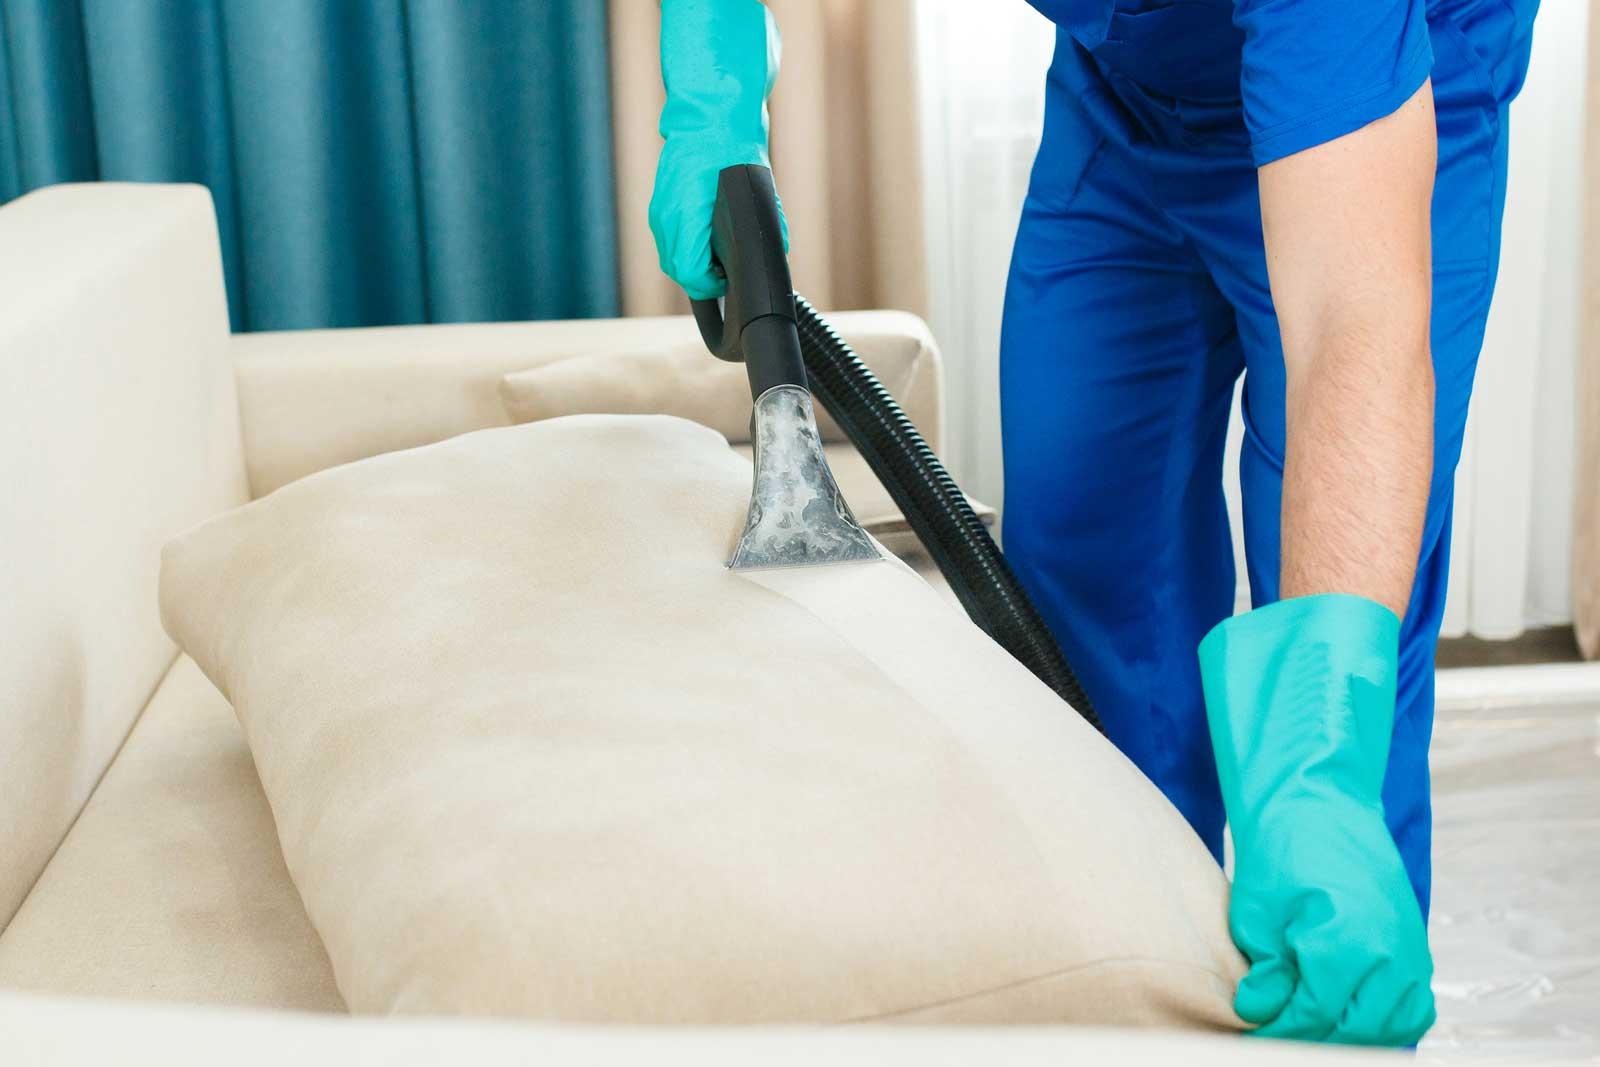 Ventajas de contratar una empresa de limpieza para tu apartamento turístico